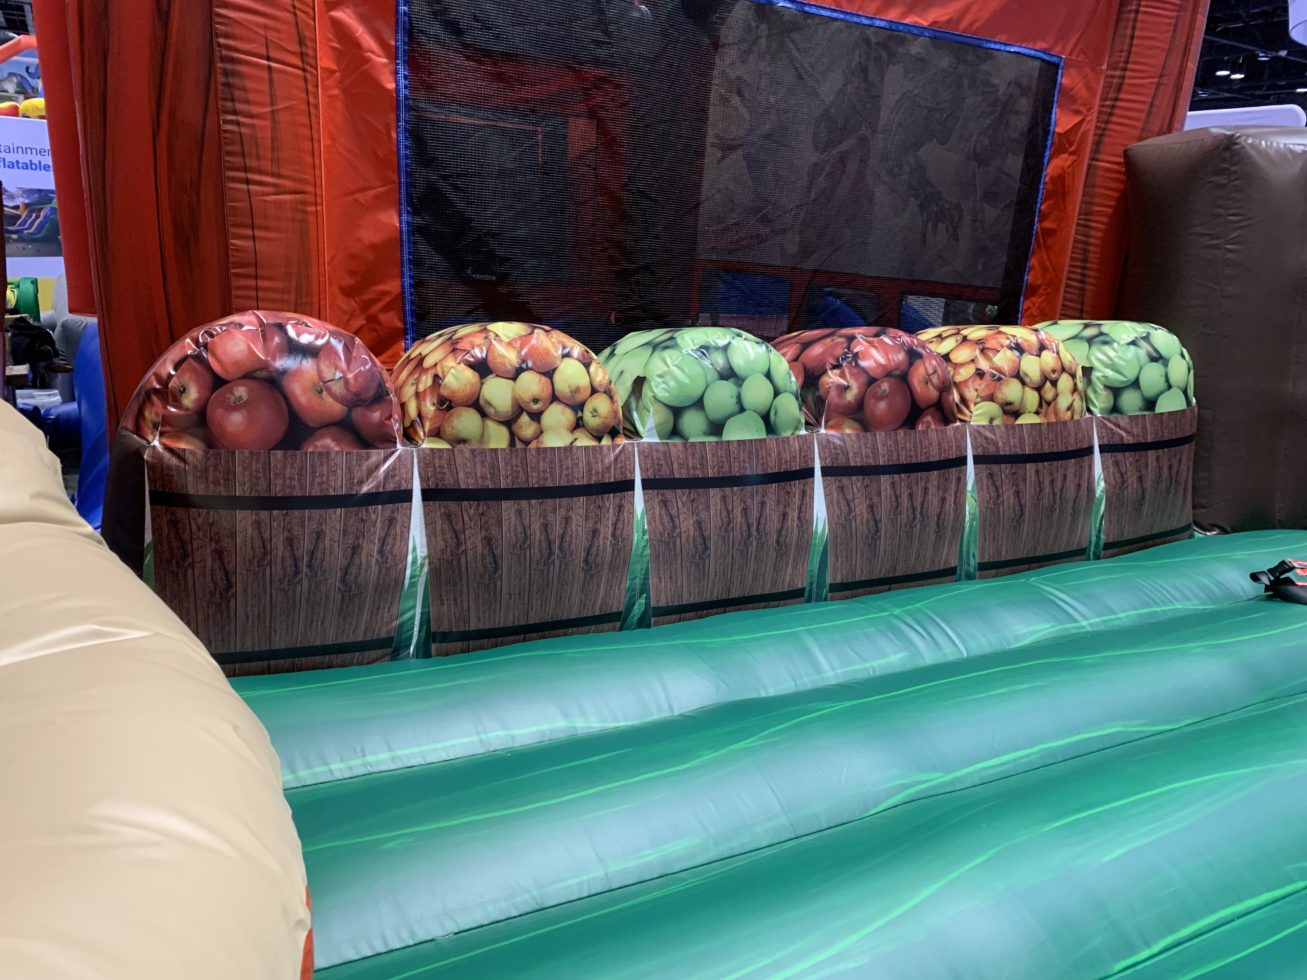 bobbing for apples game side shot